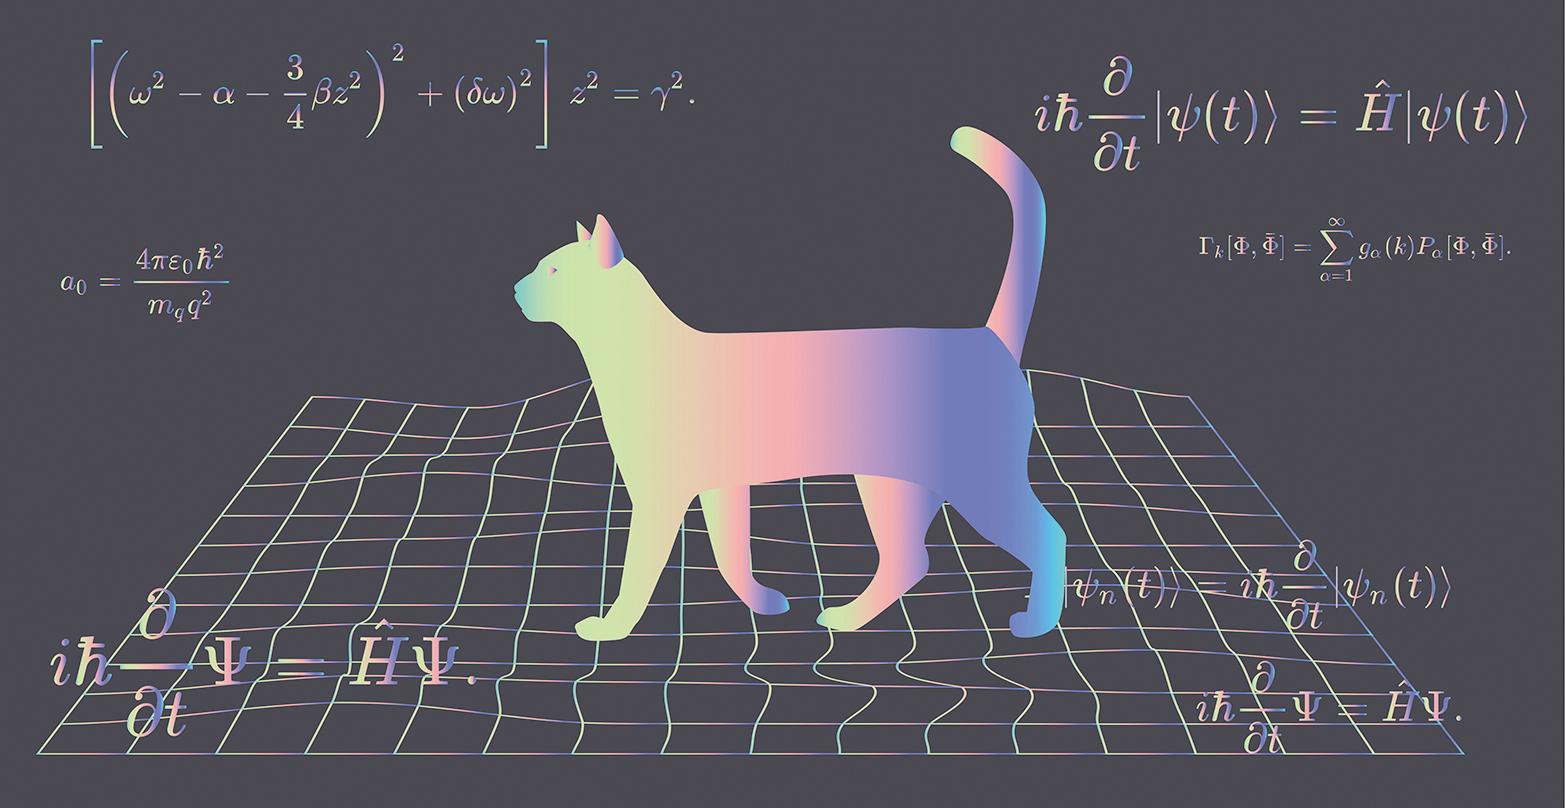 薛定諤方程及薛定諤貓示意圖。(Shutter Stock)